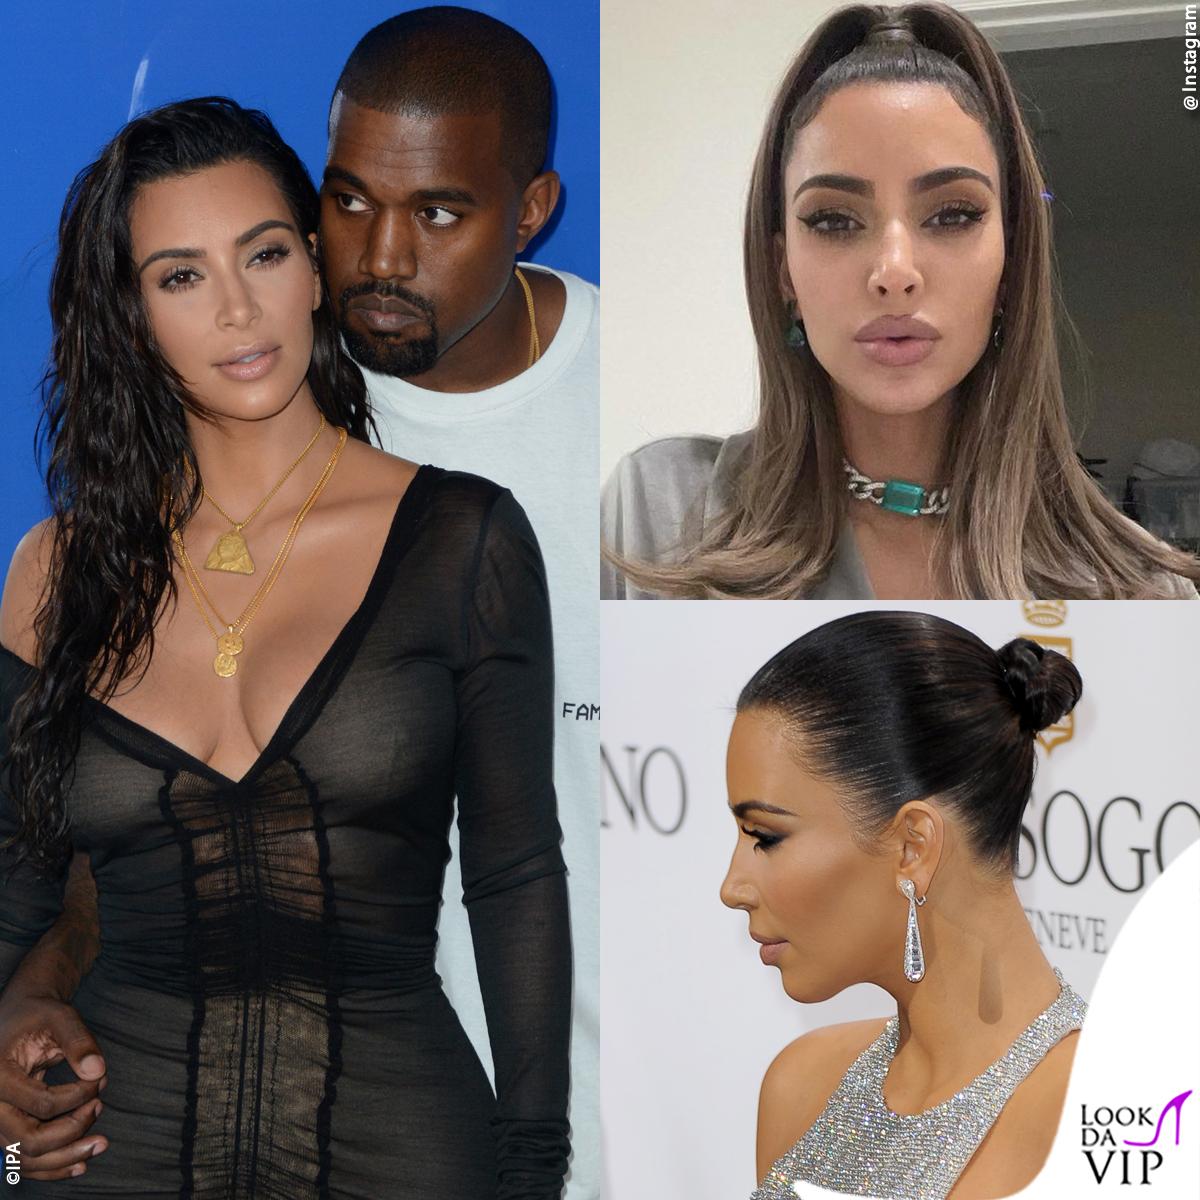 I gioielli regalati a Kim Kardashian? Kanye West ha provato a venderli prima del divorzio